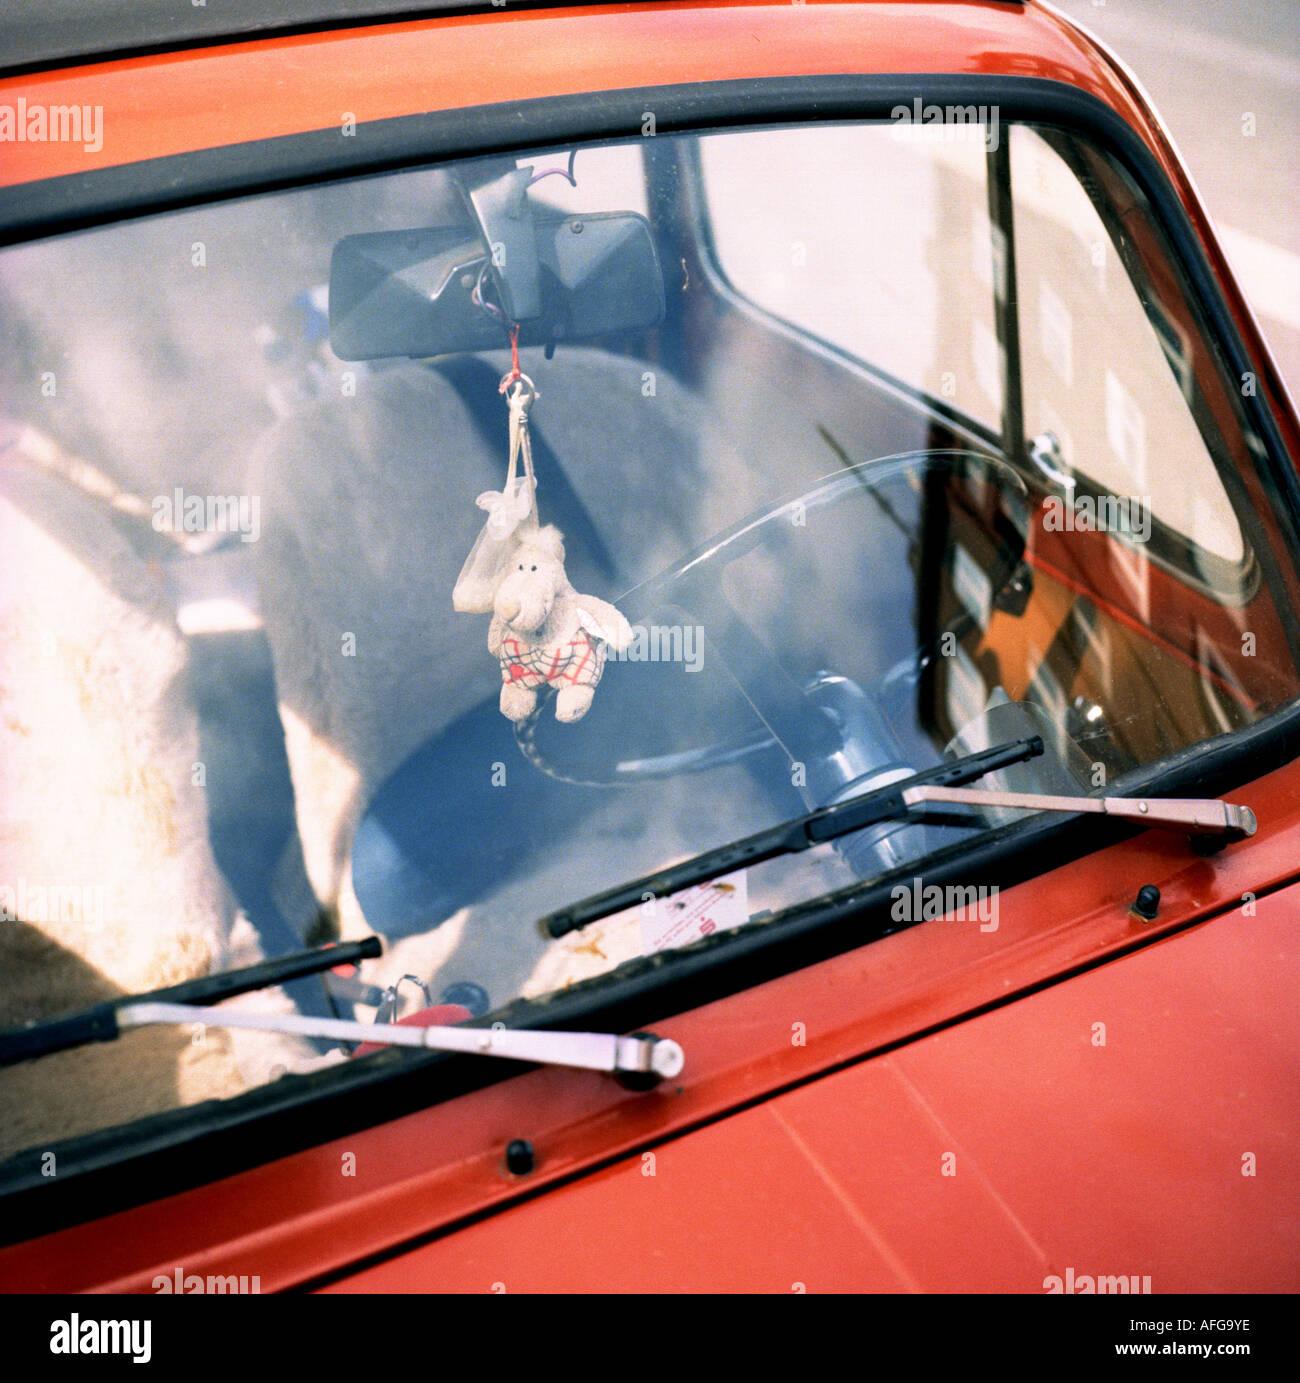 Windschutzscheibe an einem roten Fiat 500 mit Stoffpuppe am Innenspiegel - Stock Image